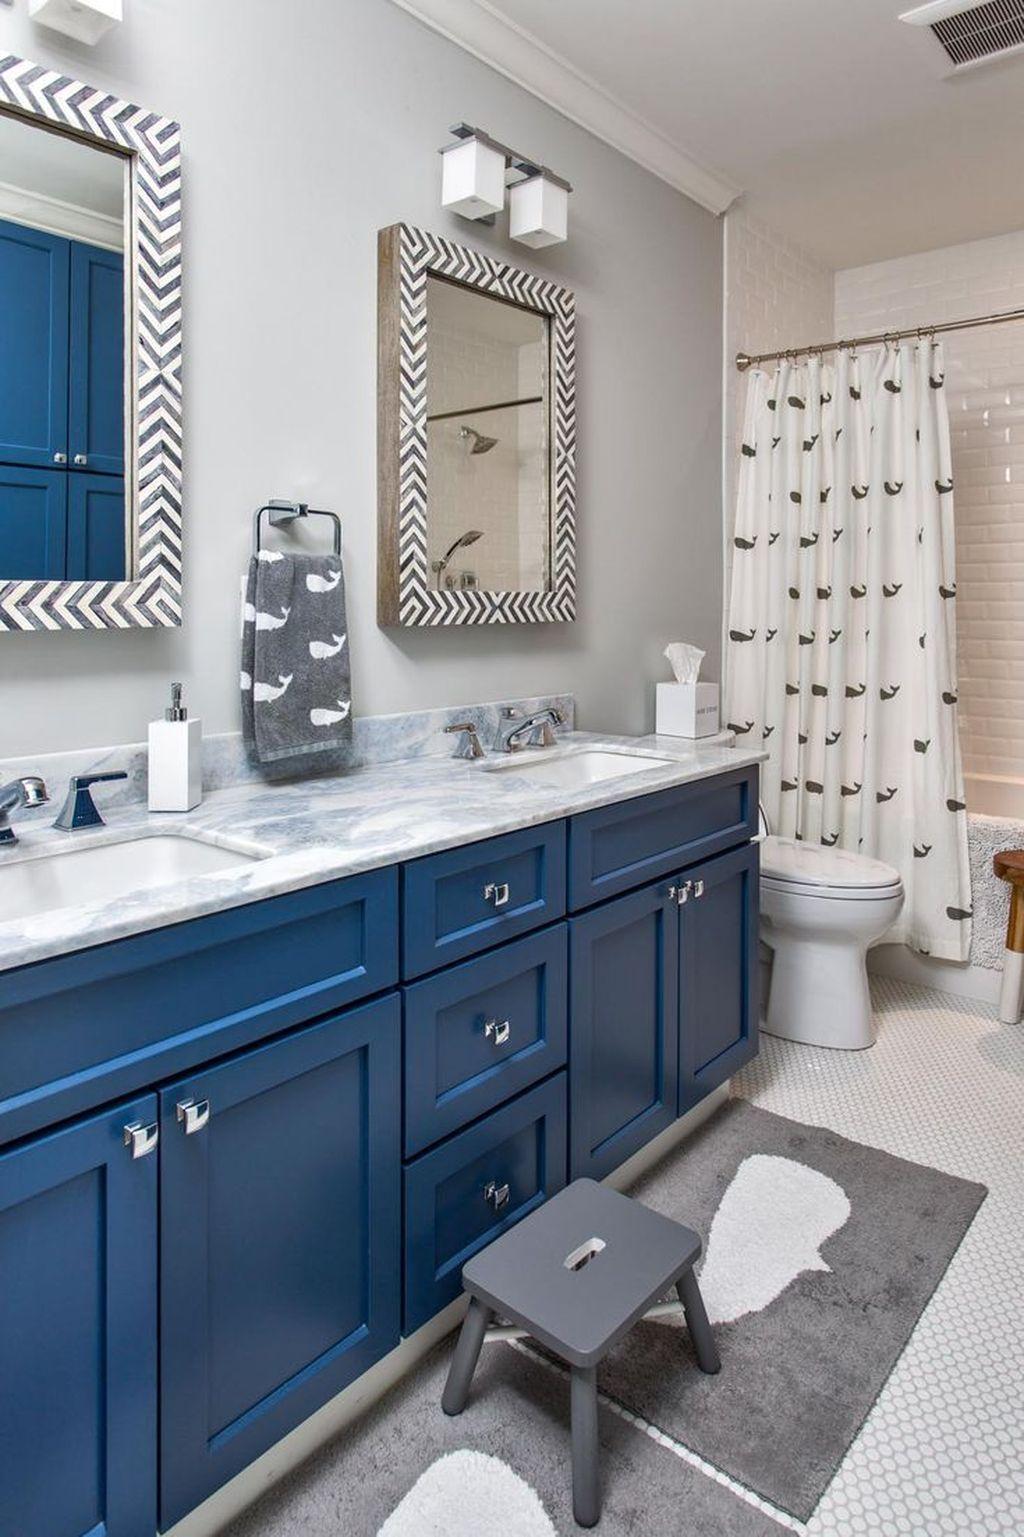 Creative Beach Theme Bathroom Decor Ideas You Will Love 10